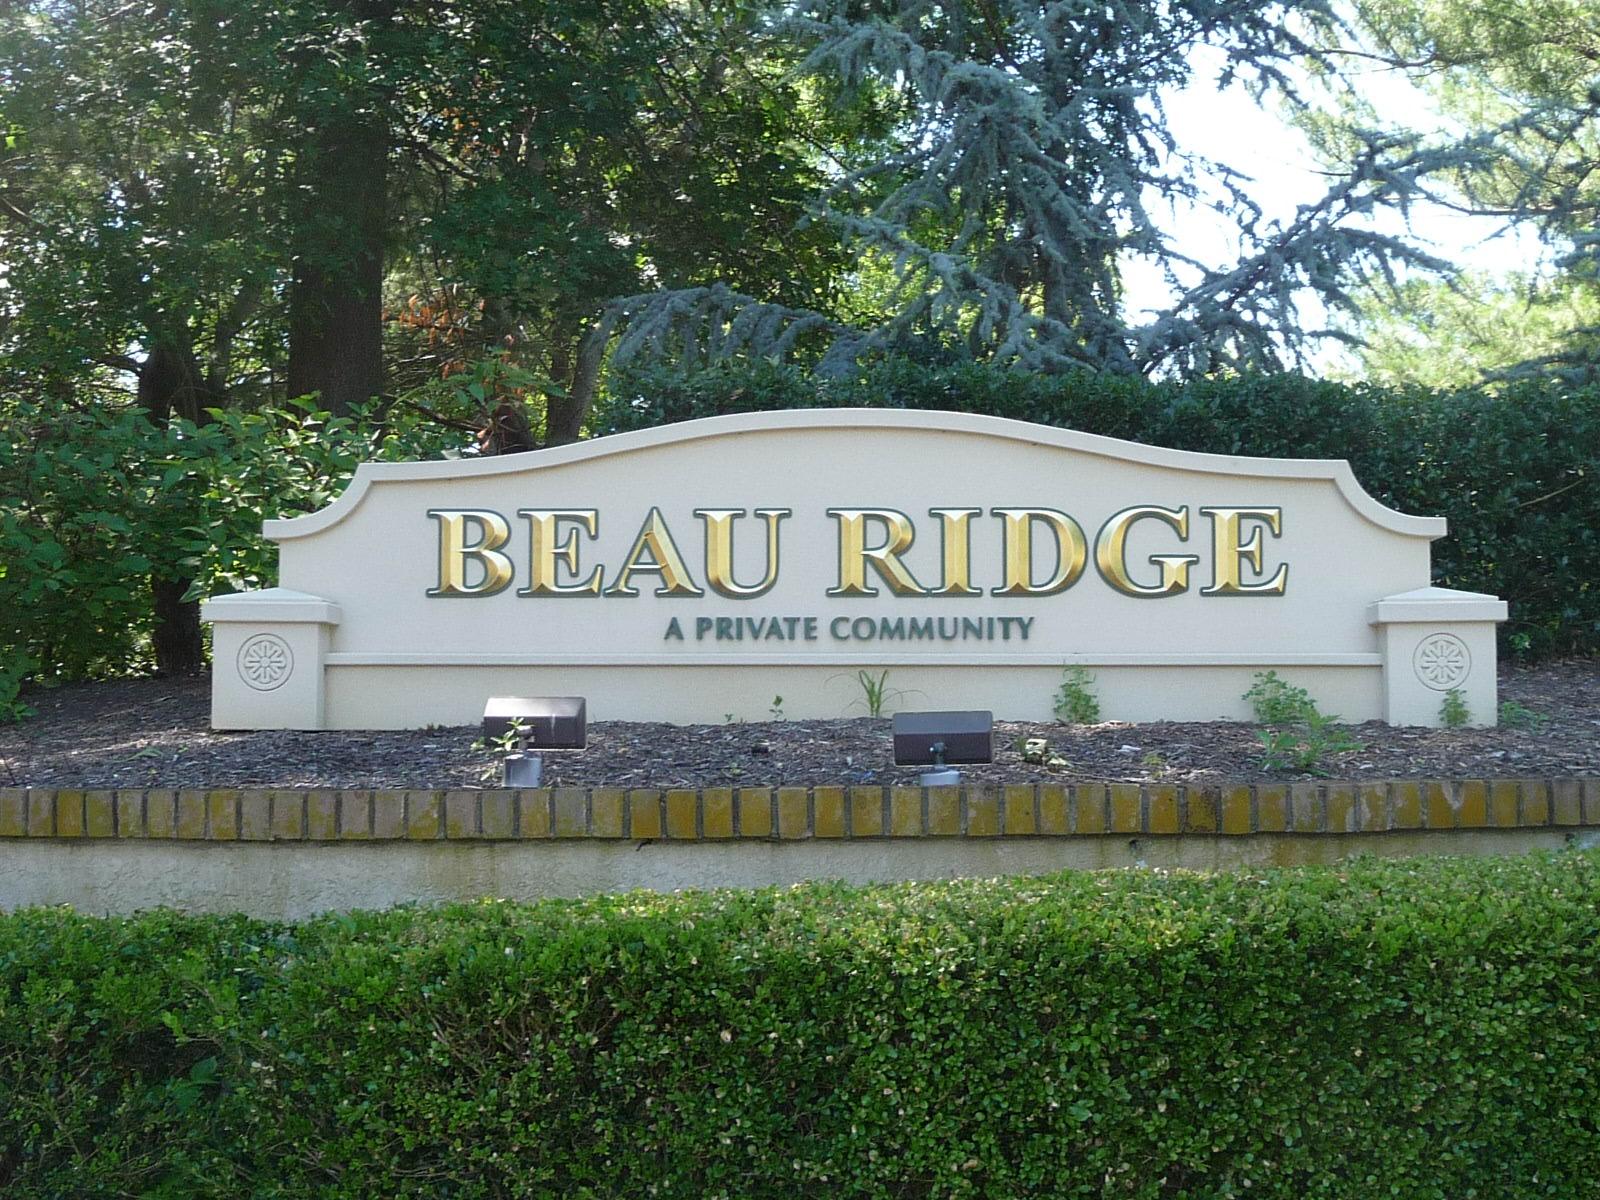 Beau Ridge condos are in Holmdel NJ just off of Laurel Avenue.